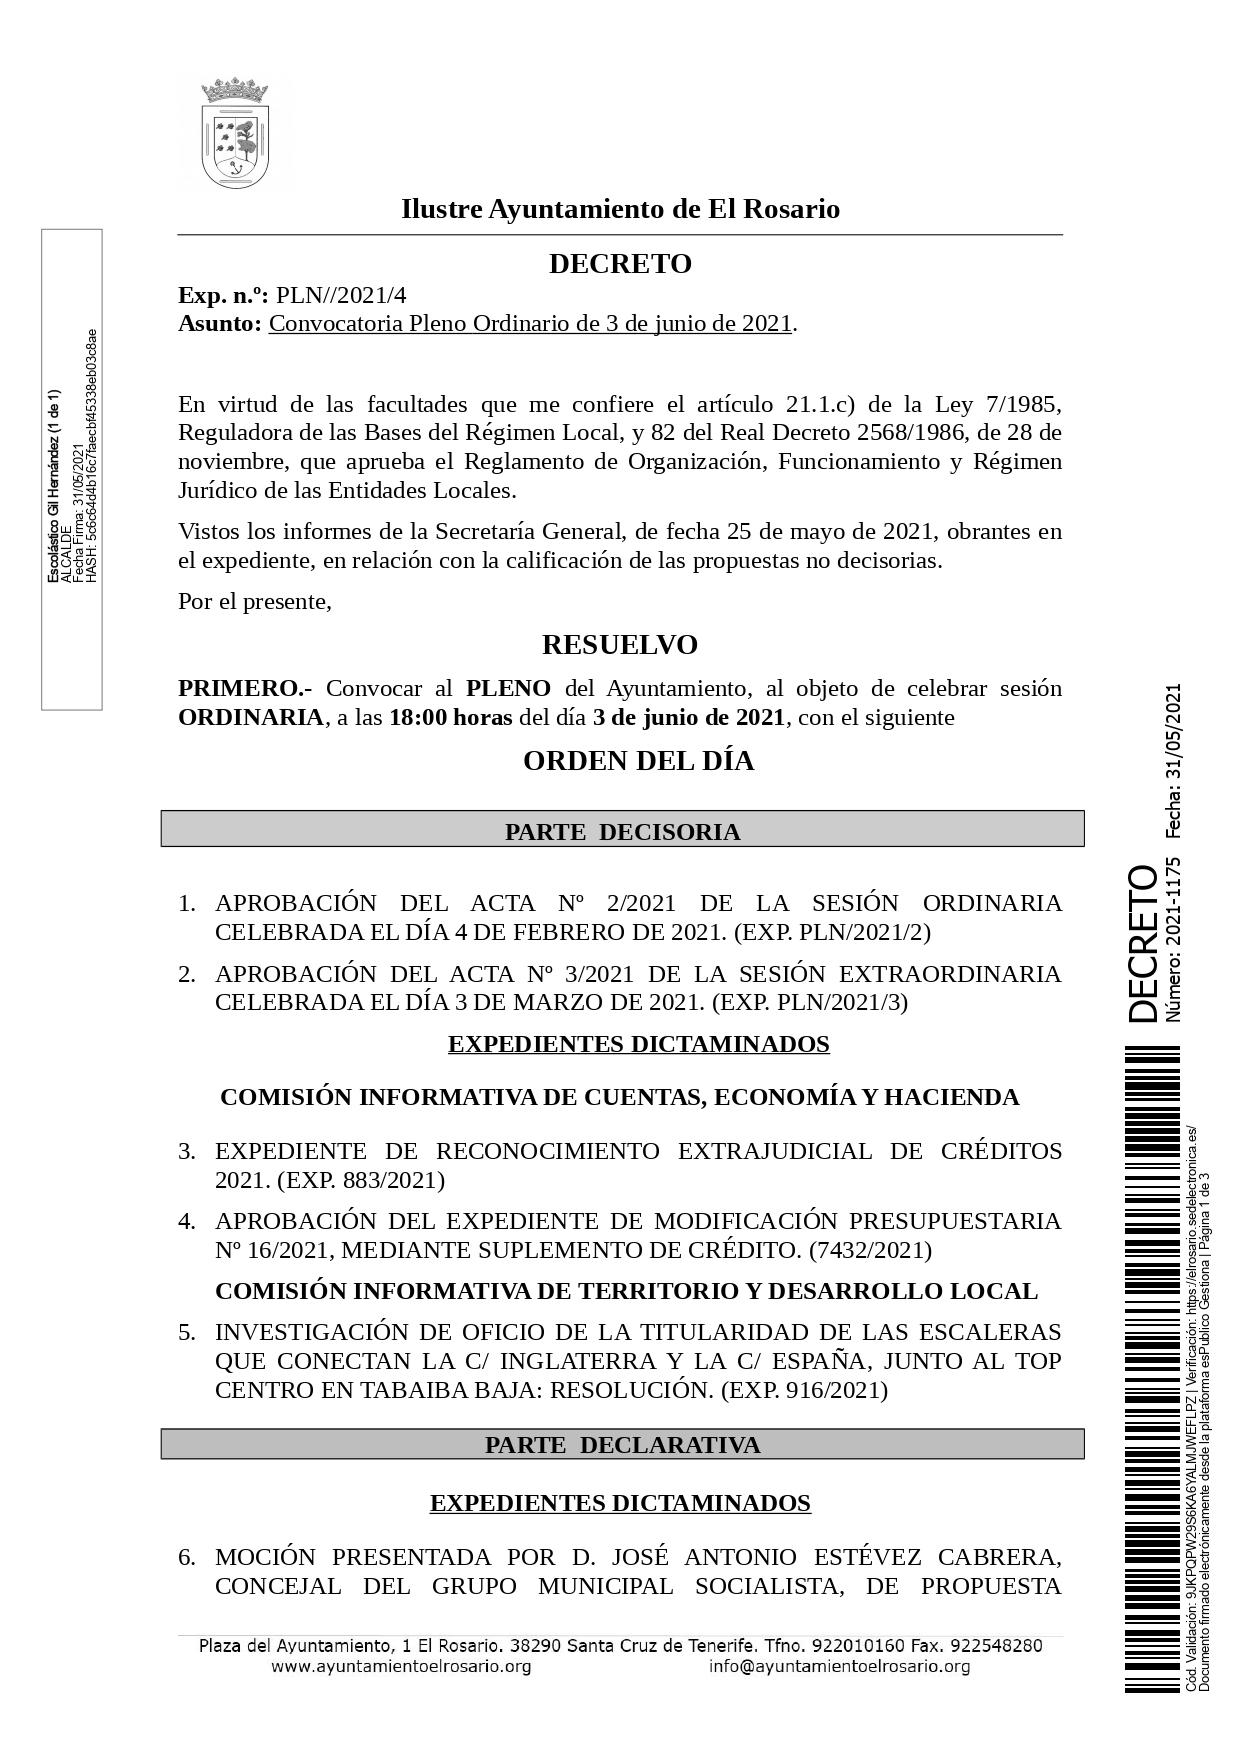 20210531_DECRETO 2021-1175 [Decreto Convocatoria Pleno Ordinario de 3 de junio de 2021]_page-0001